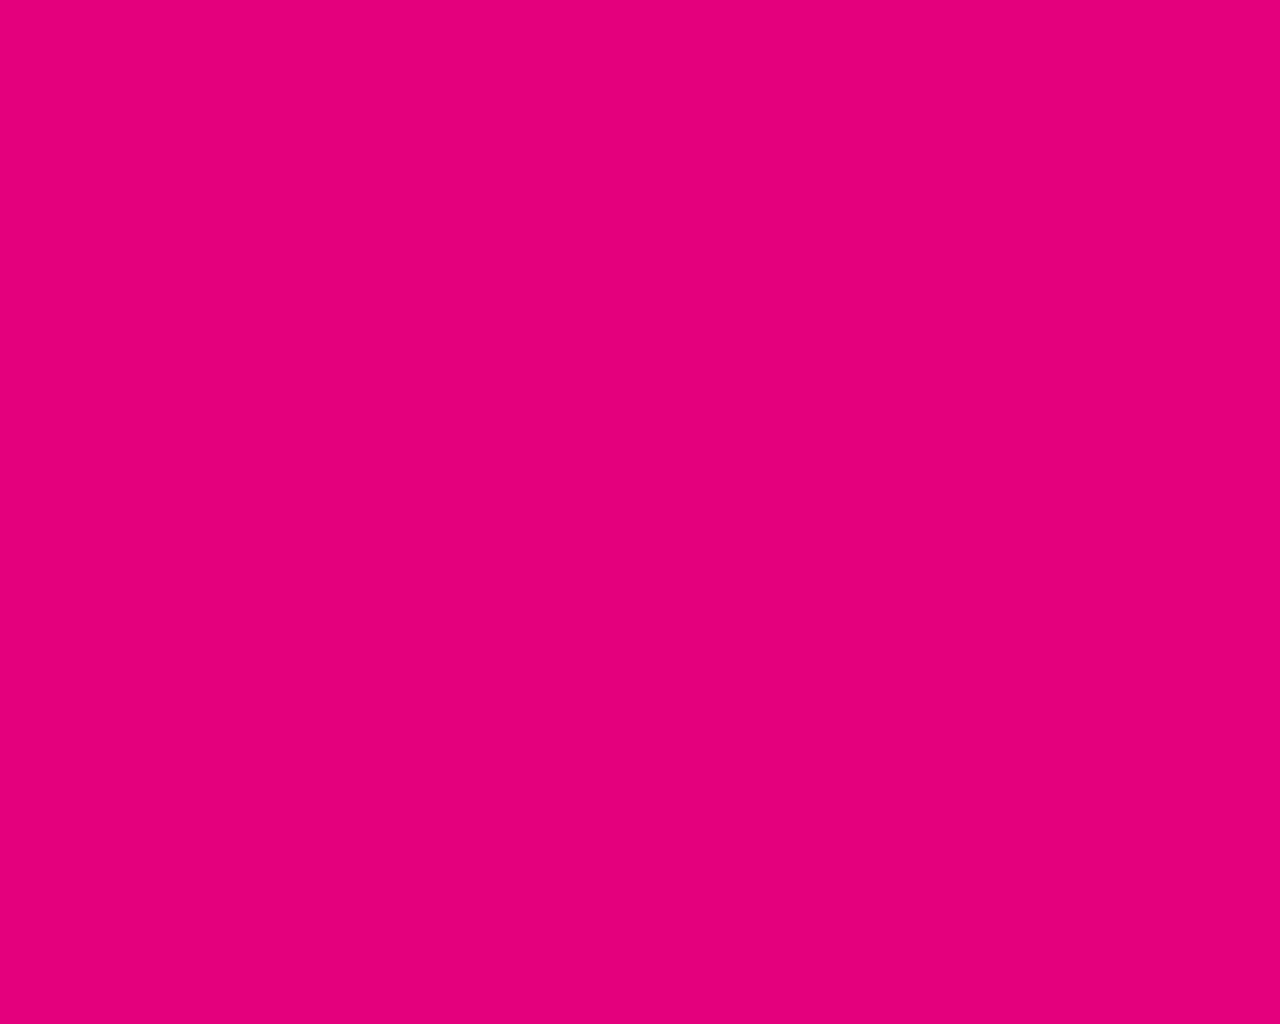 Solid Pink Wallpaper - WallpaperSafari